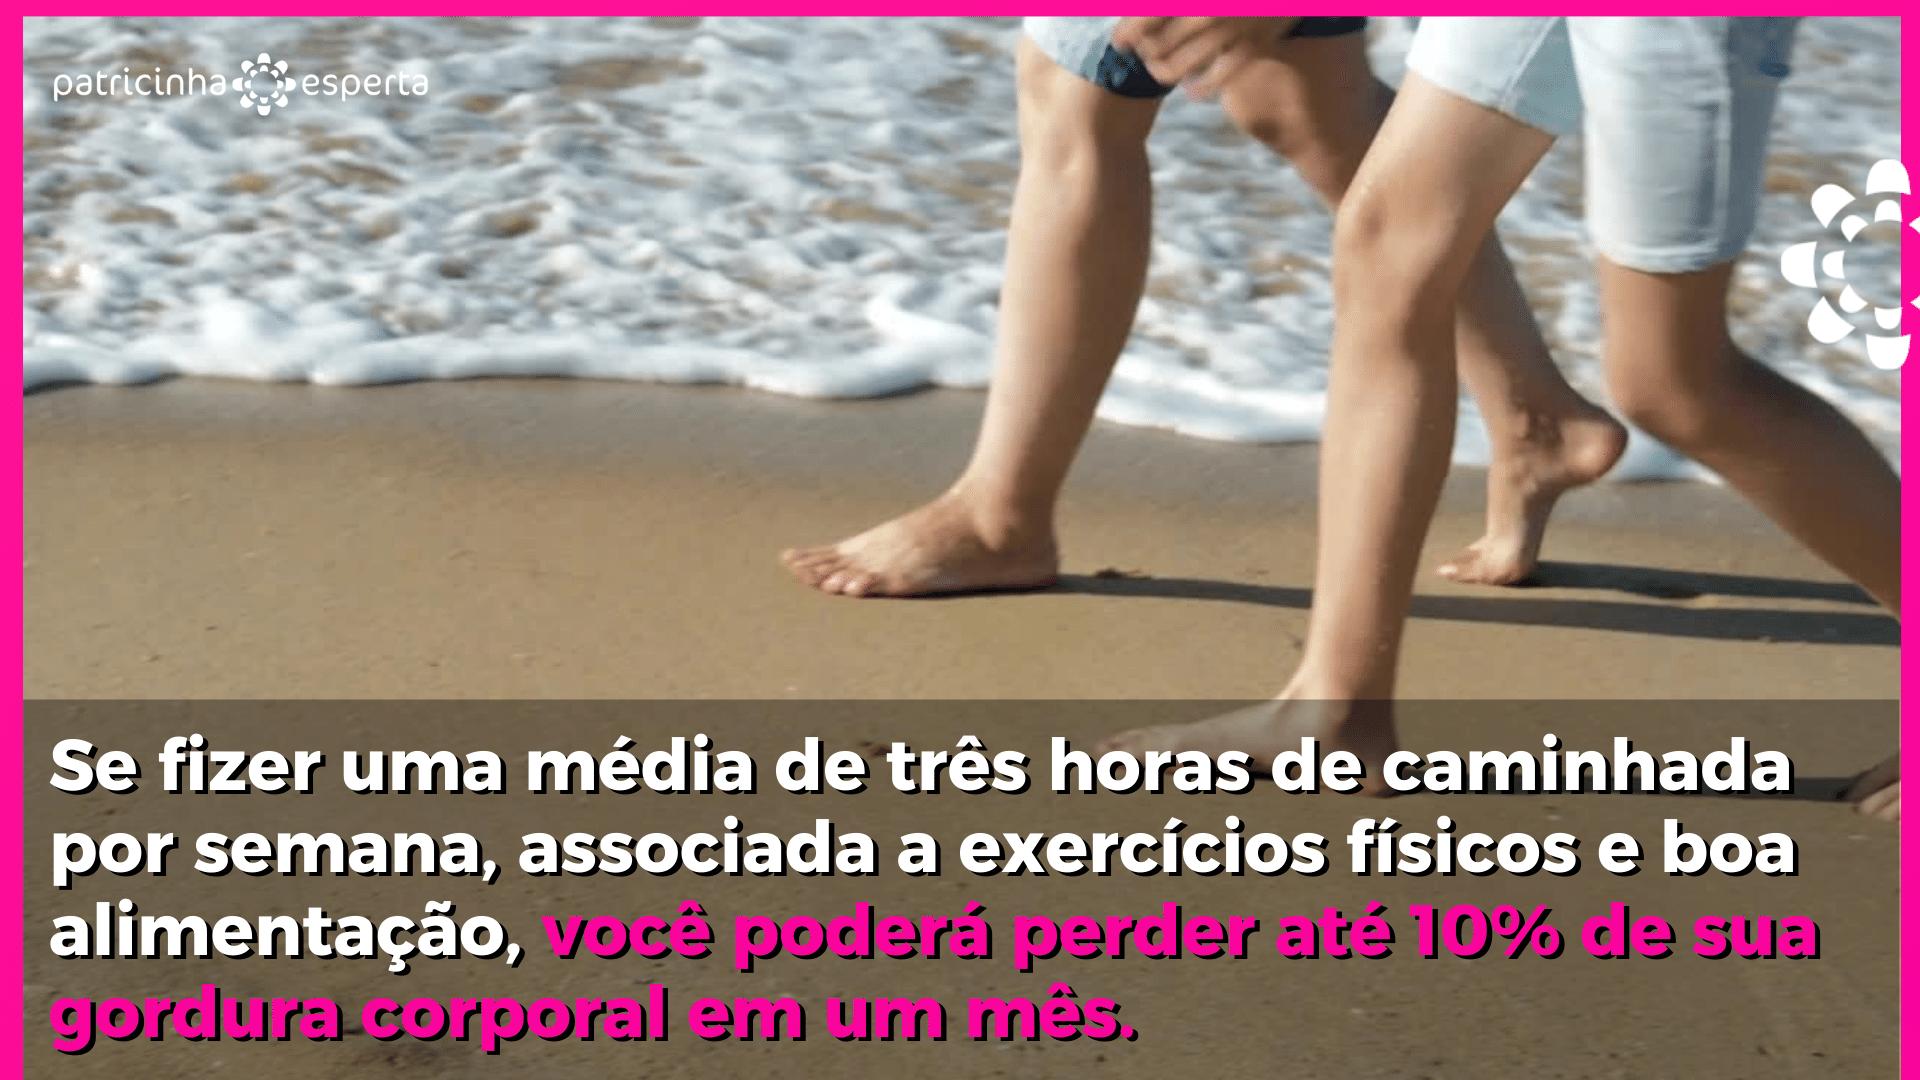 16 2 - Melhores Exercícios Para Perder Barriga Rápido